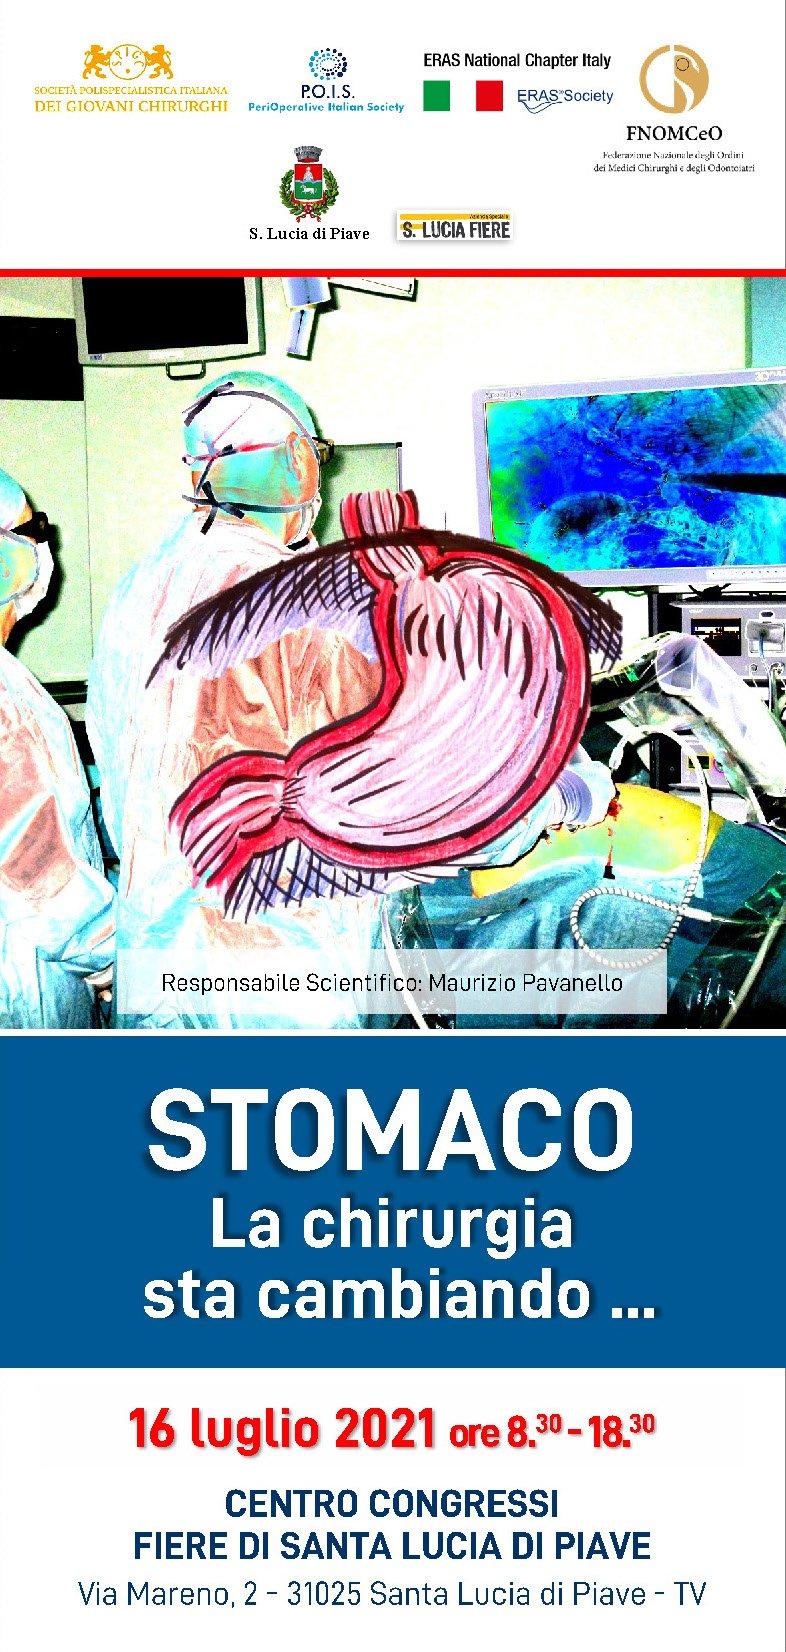 STOMACO - La chirurgia sta cambiando...